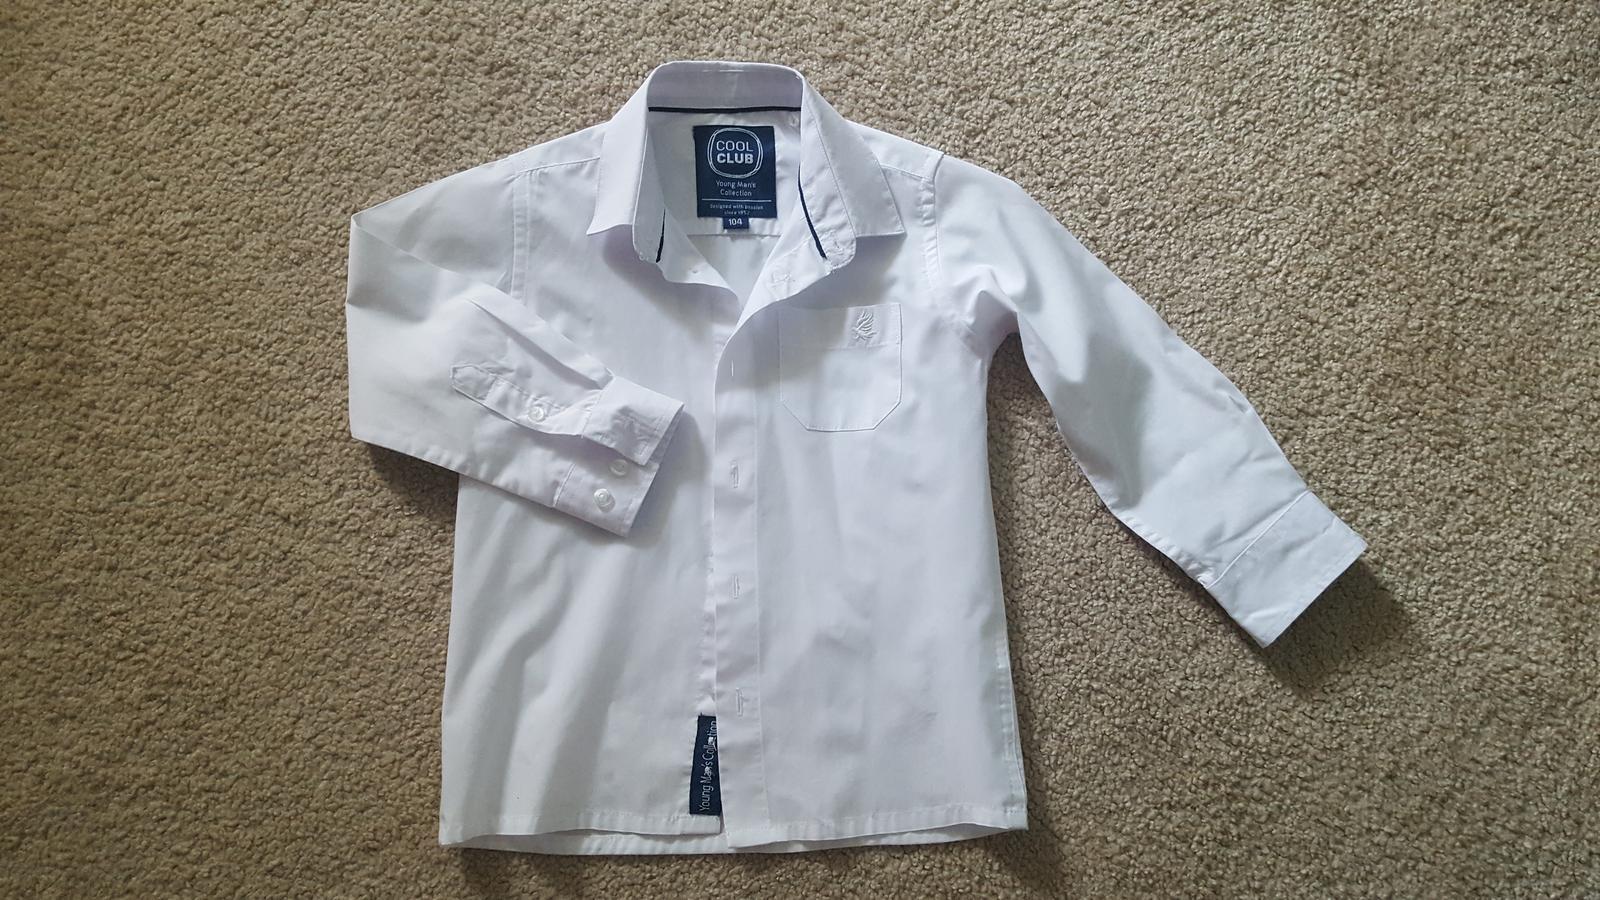 Chlapecka košile vel.104 a 110 - Obrázek č. 1